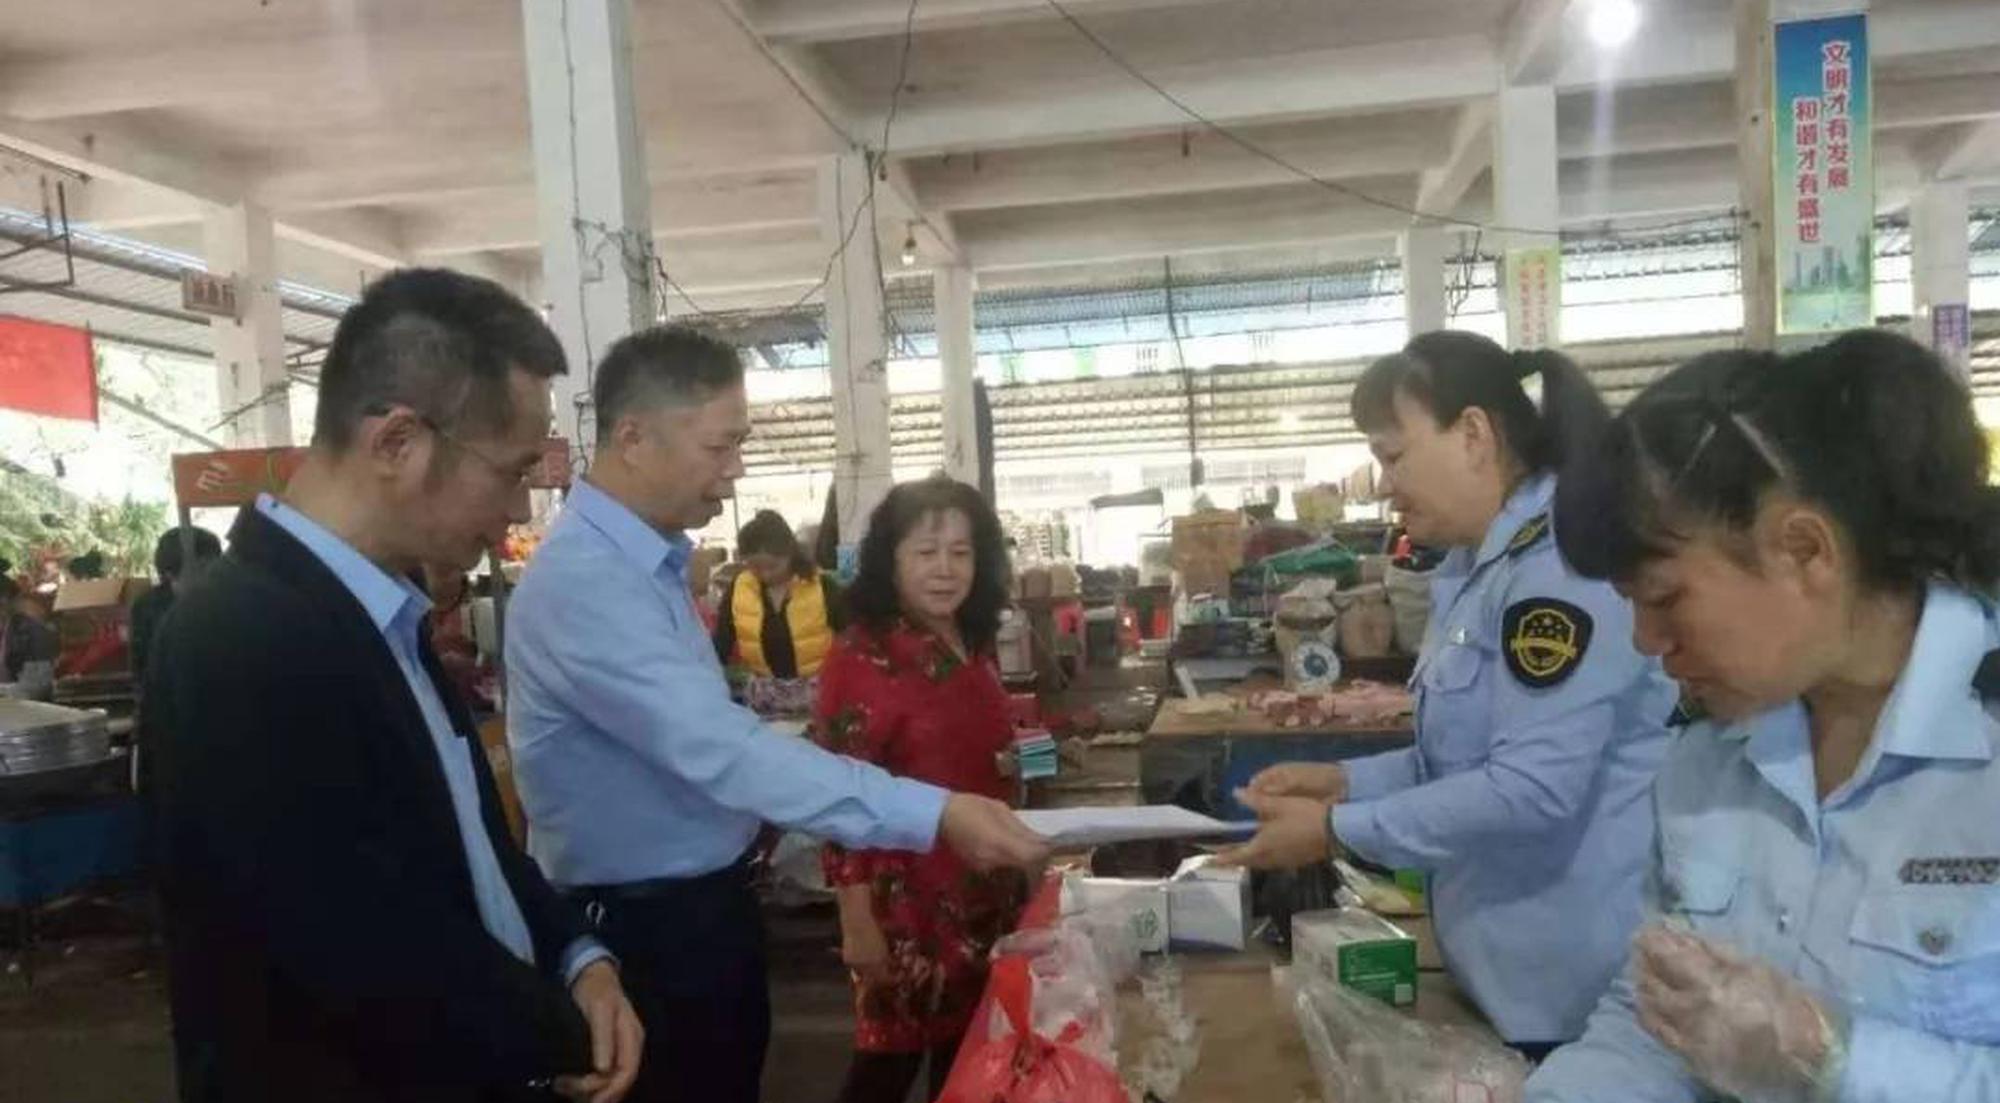 屯昌县市场监督管理局开展春节前市场安全专项整治行动